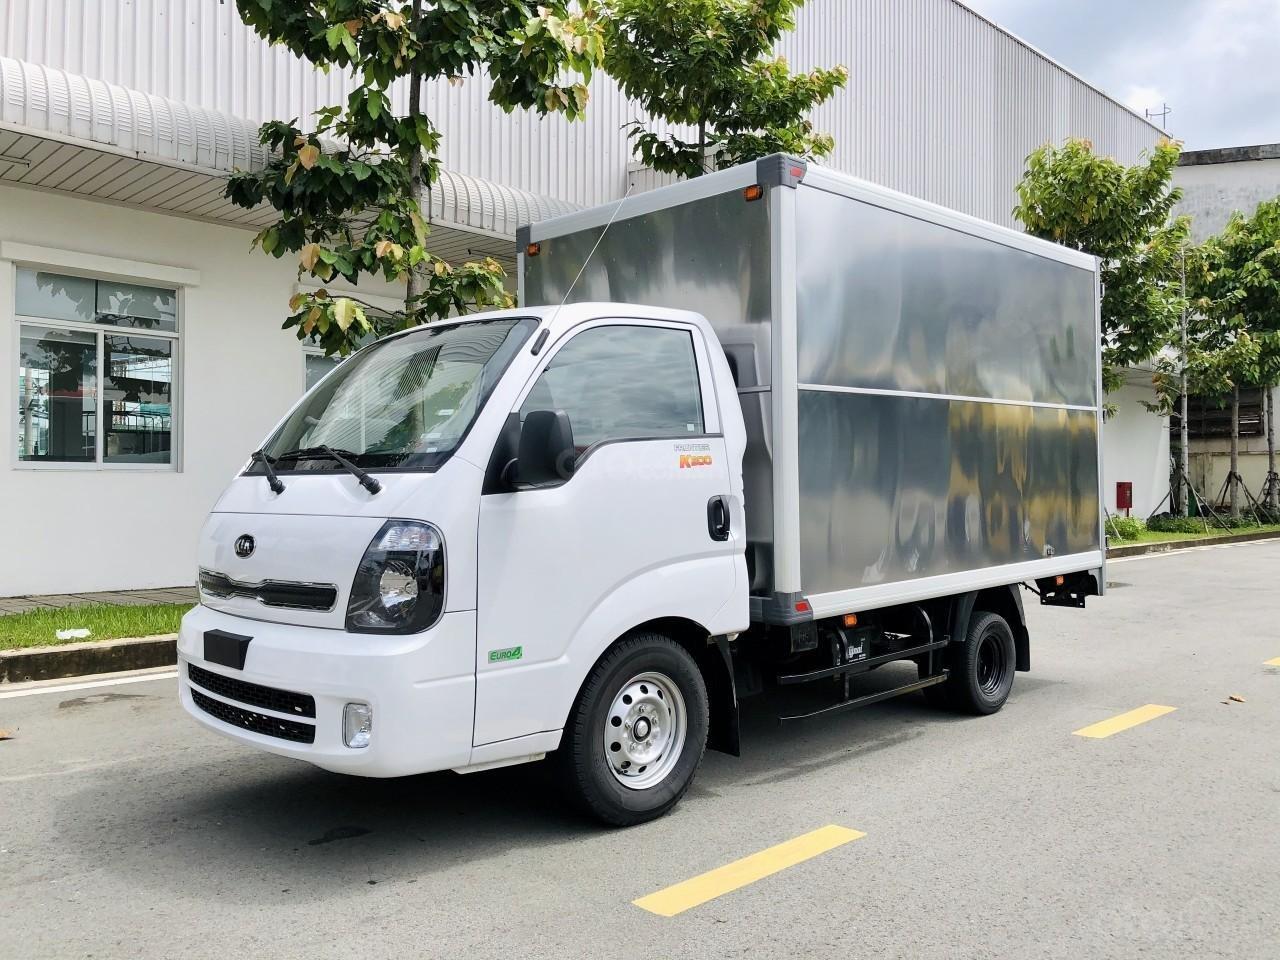 Xe tải Kia 1T / xe tải Kia 1T4/ xe tải Kia 1T9/ Kia K200/ trả góp 75% (1)